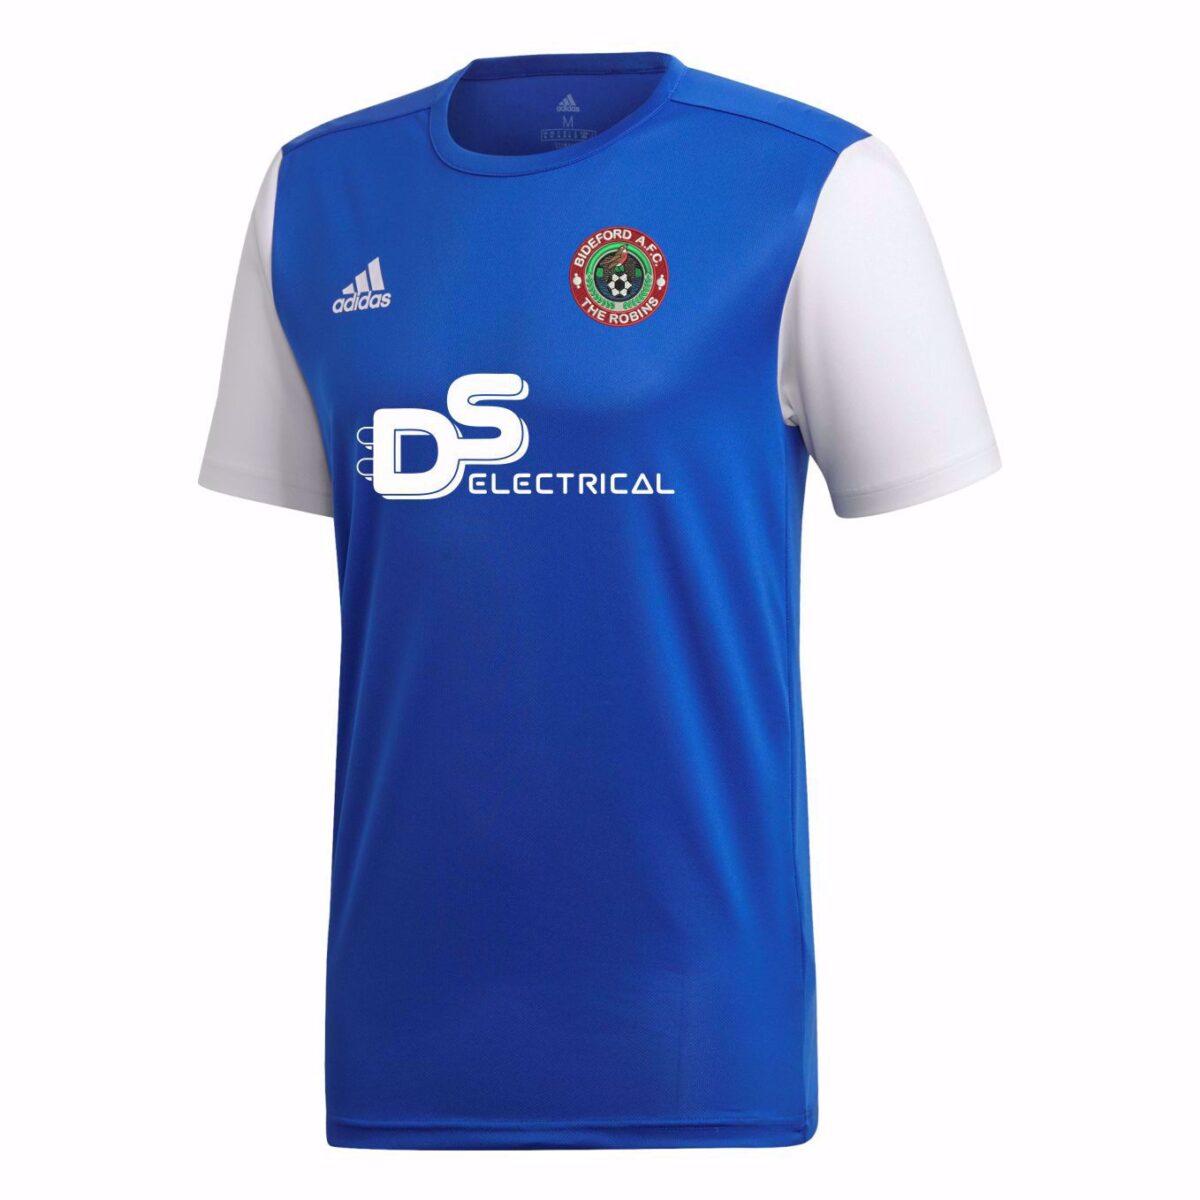 Bideford AFC Adidas 19/20 Away Shirt  - NEW